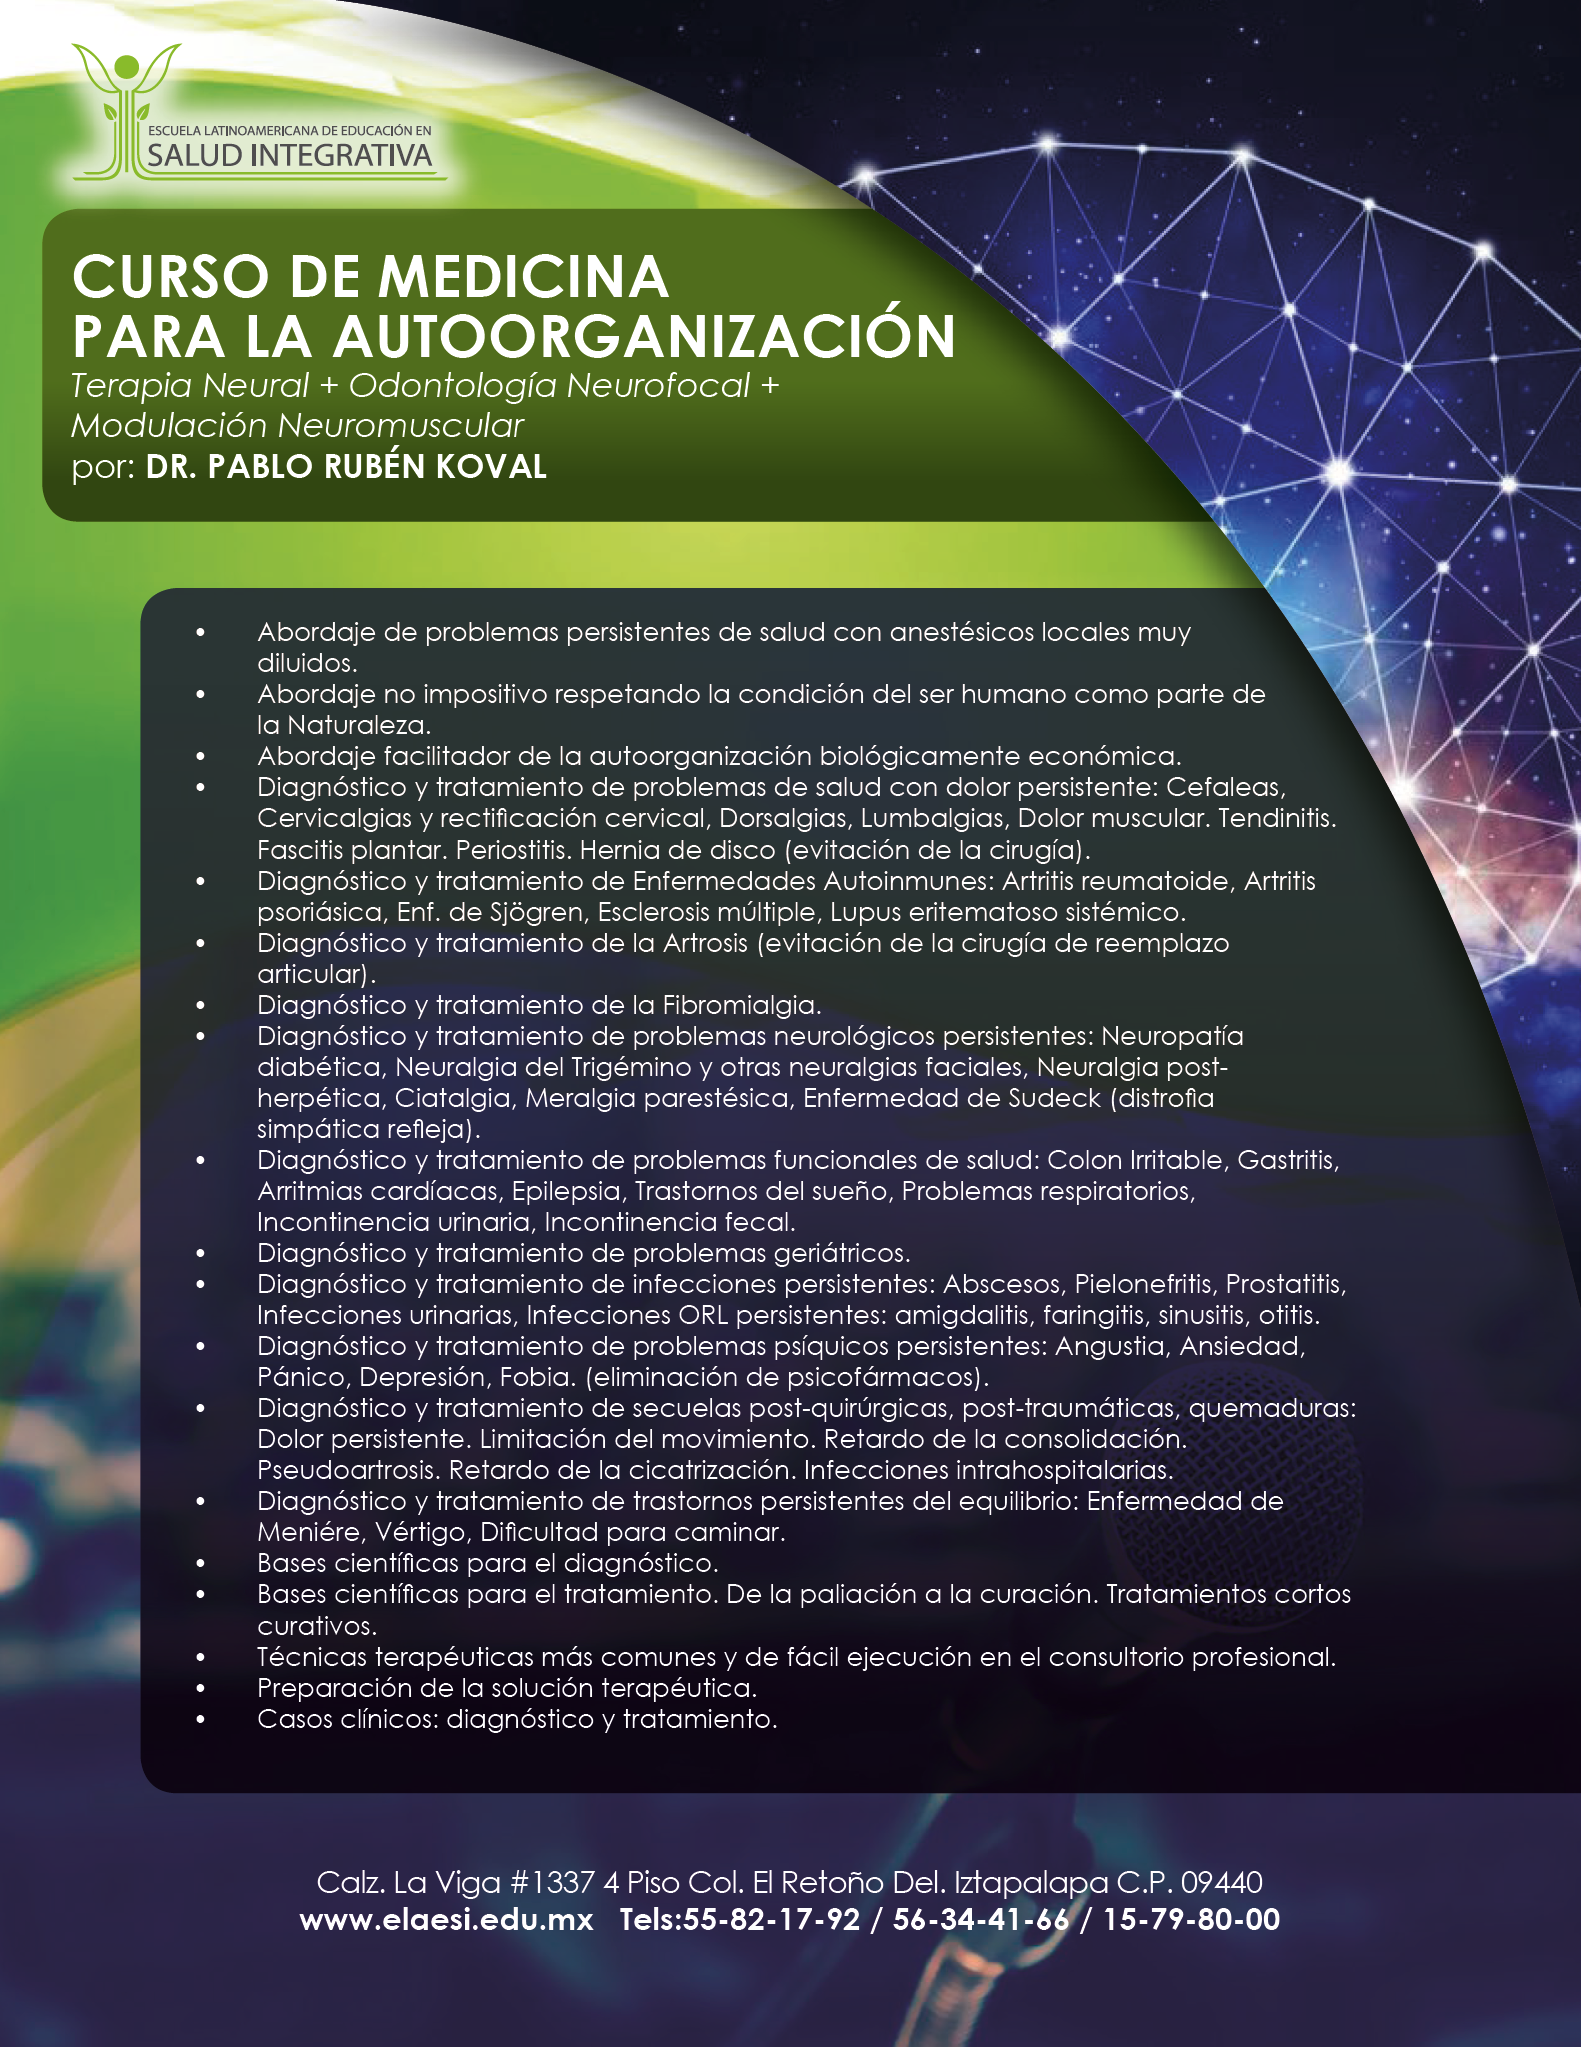 CURSO DE MEDICINA PARA LA AUTOORGANIZACIÓN